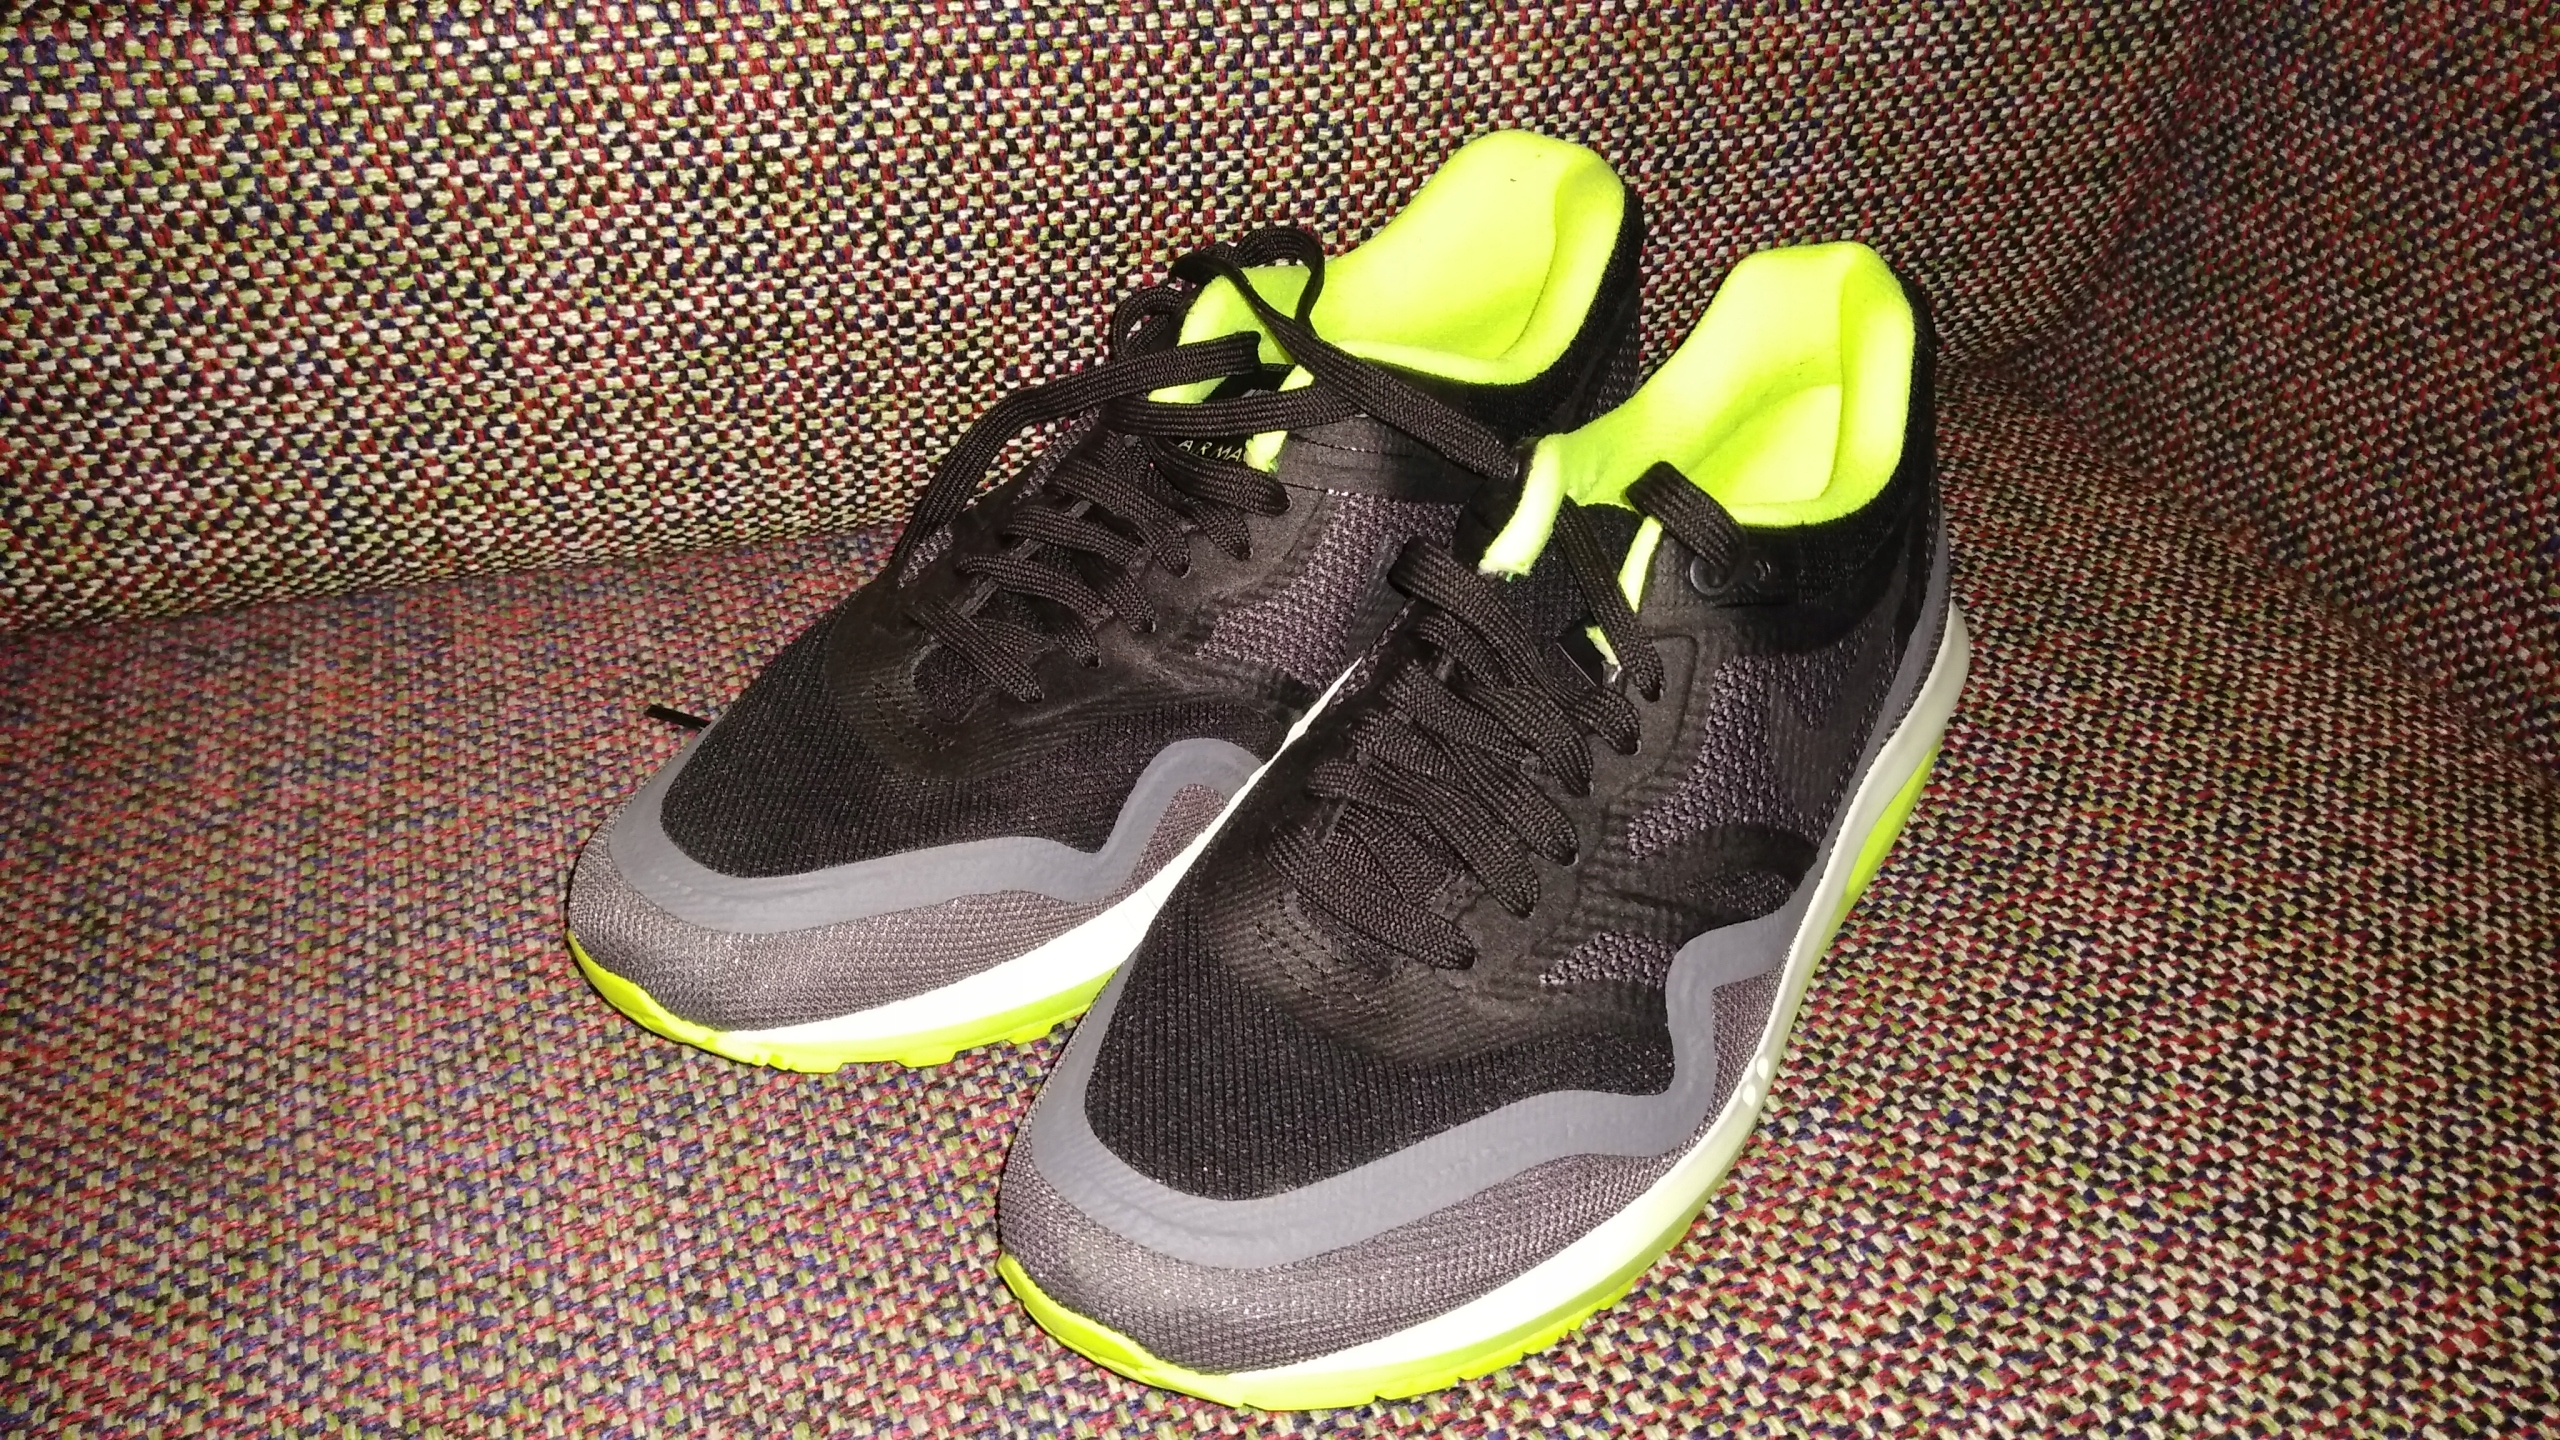 Buty Nike WMNS Air Max 97 Grape 921733 008 #43